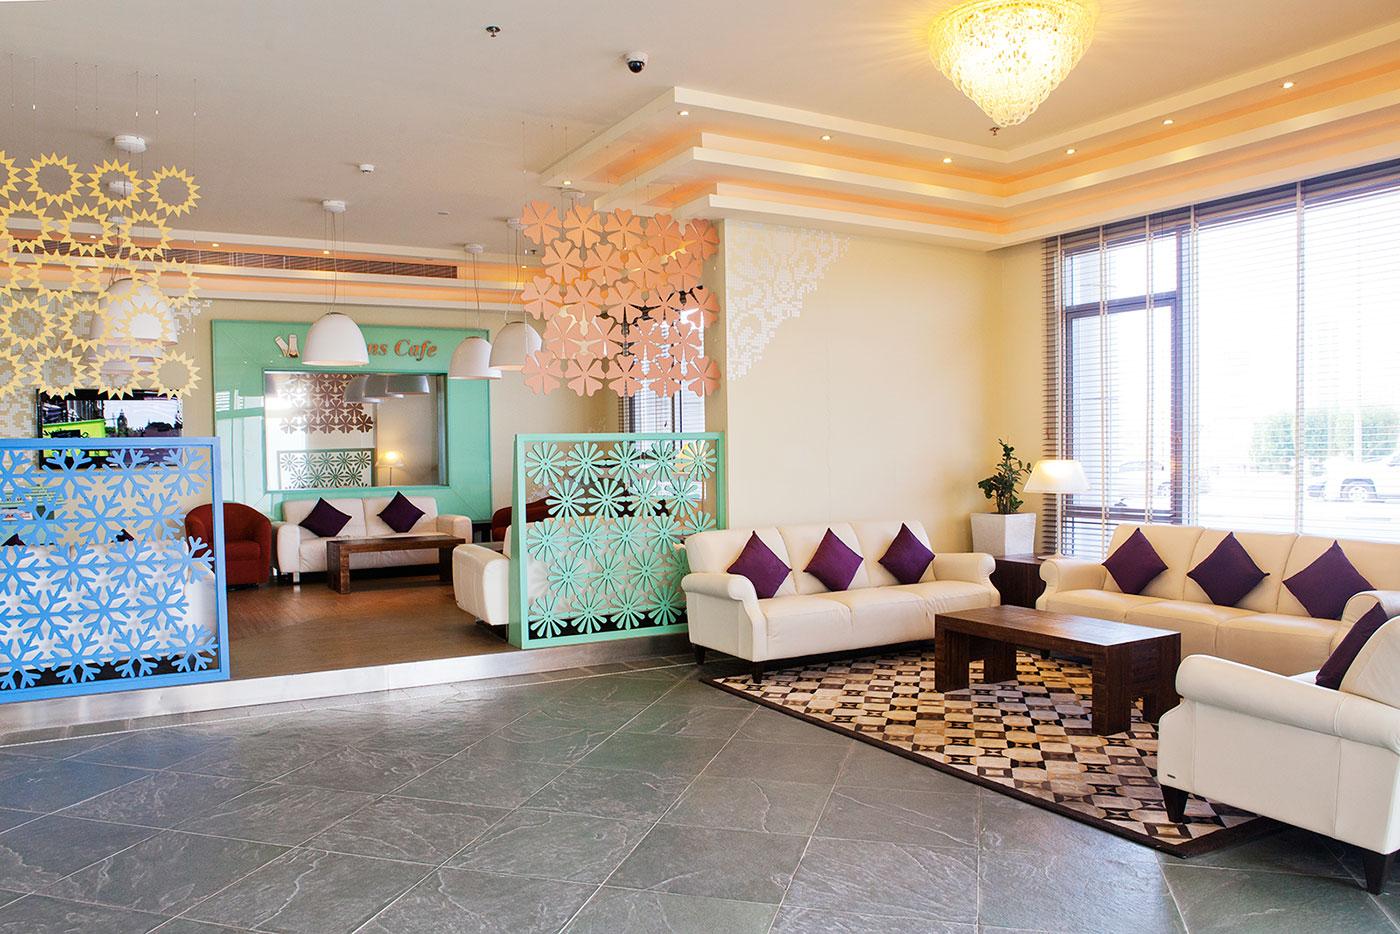 Al Raya Suites Al Raya Suites